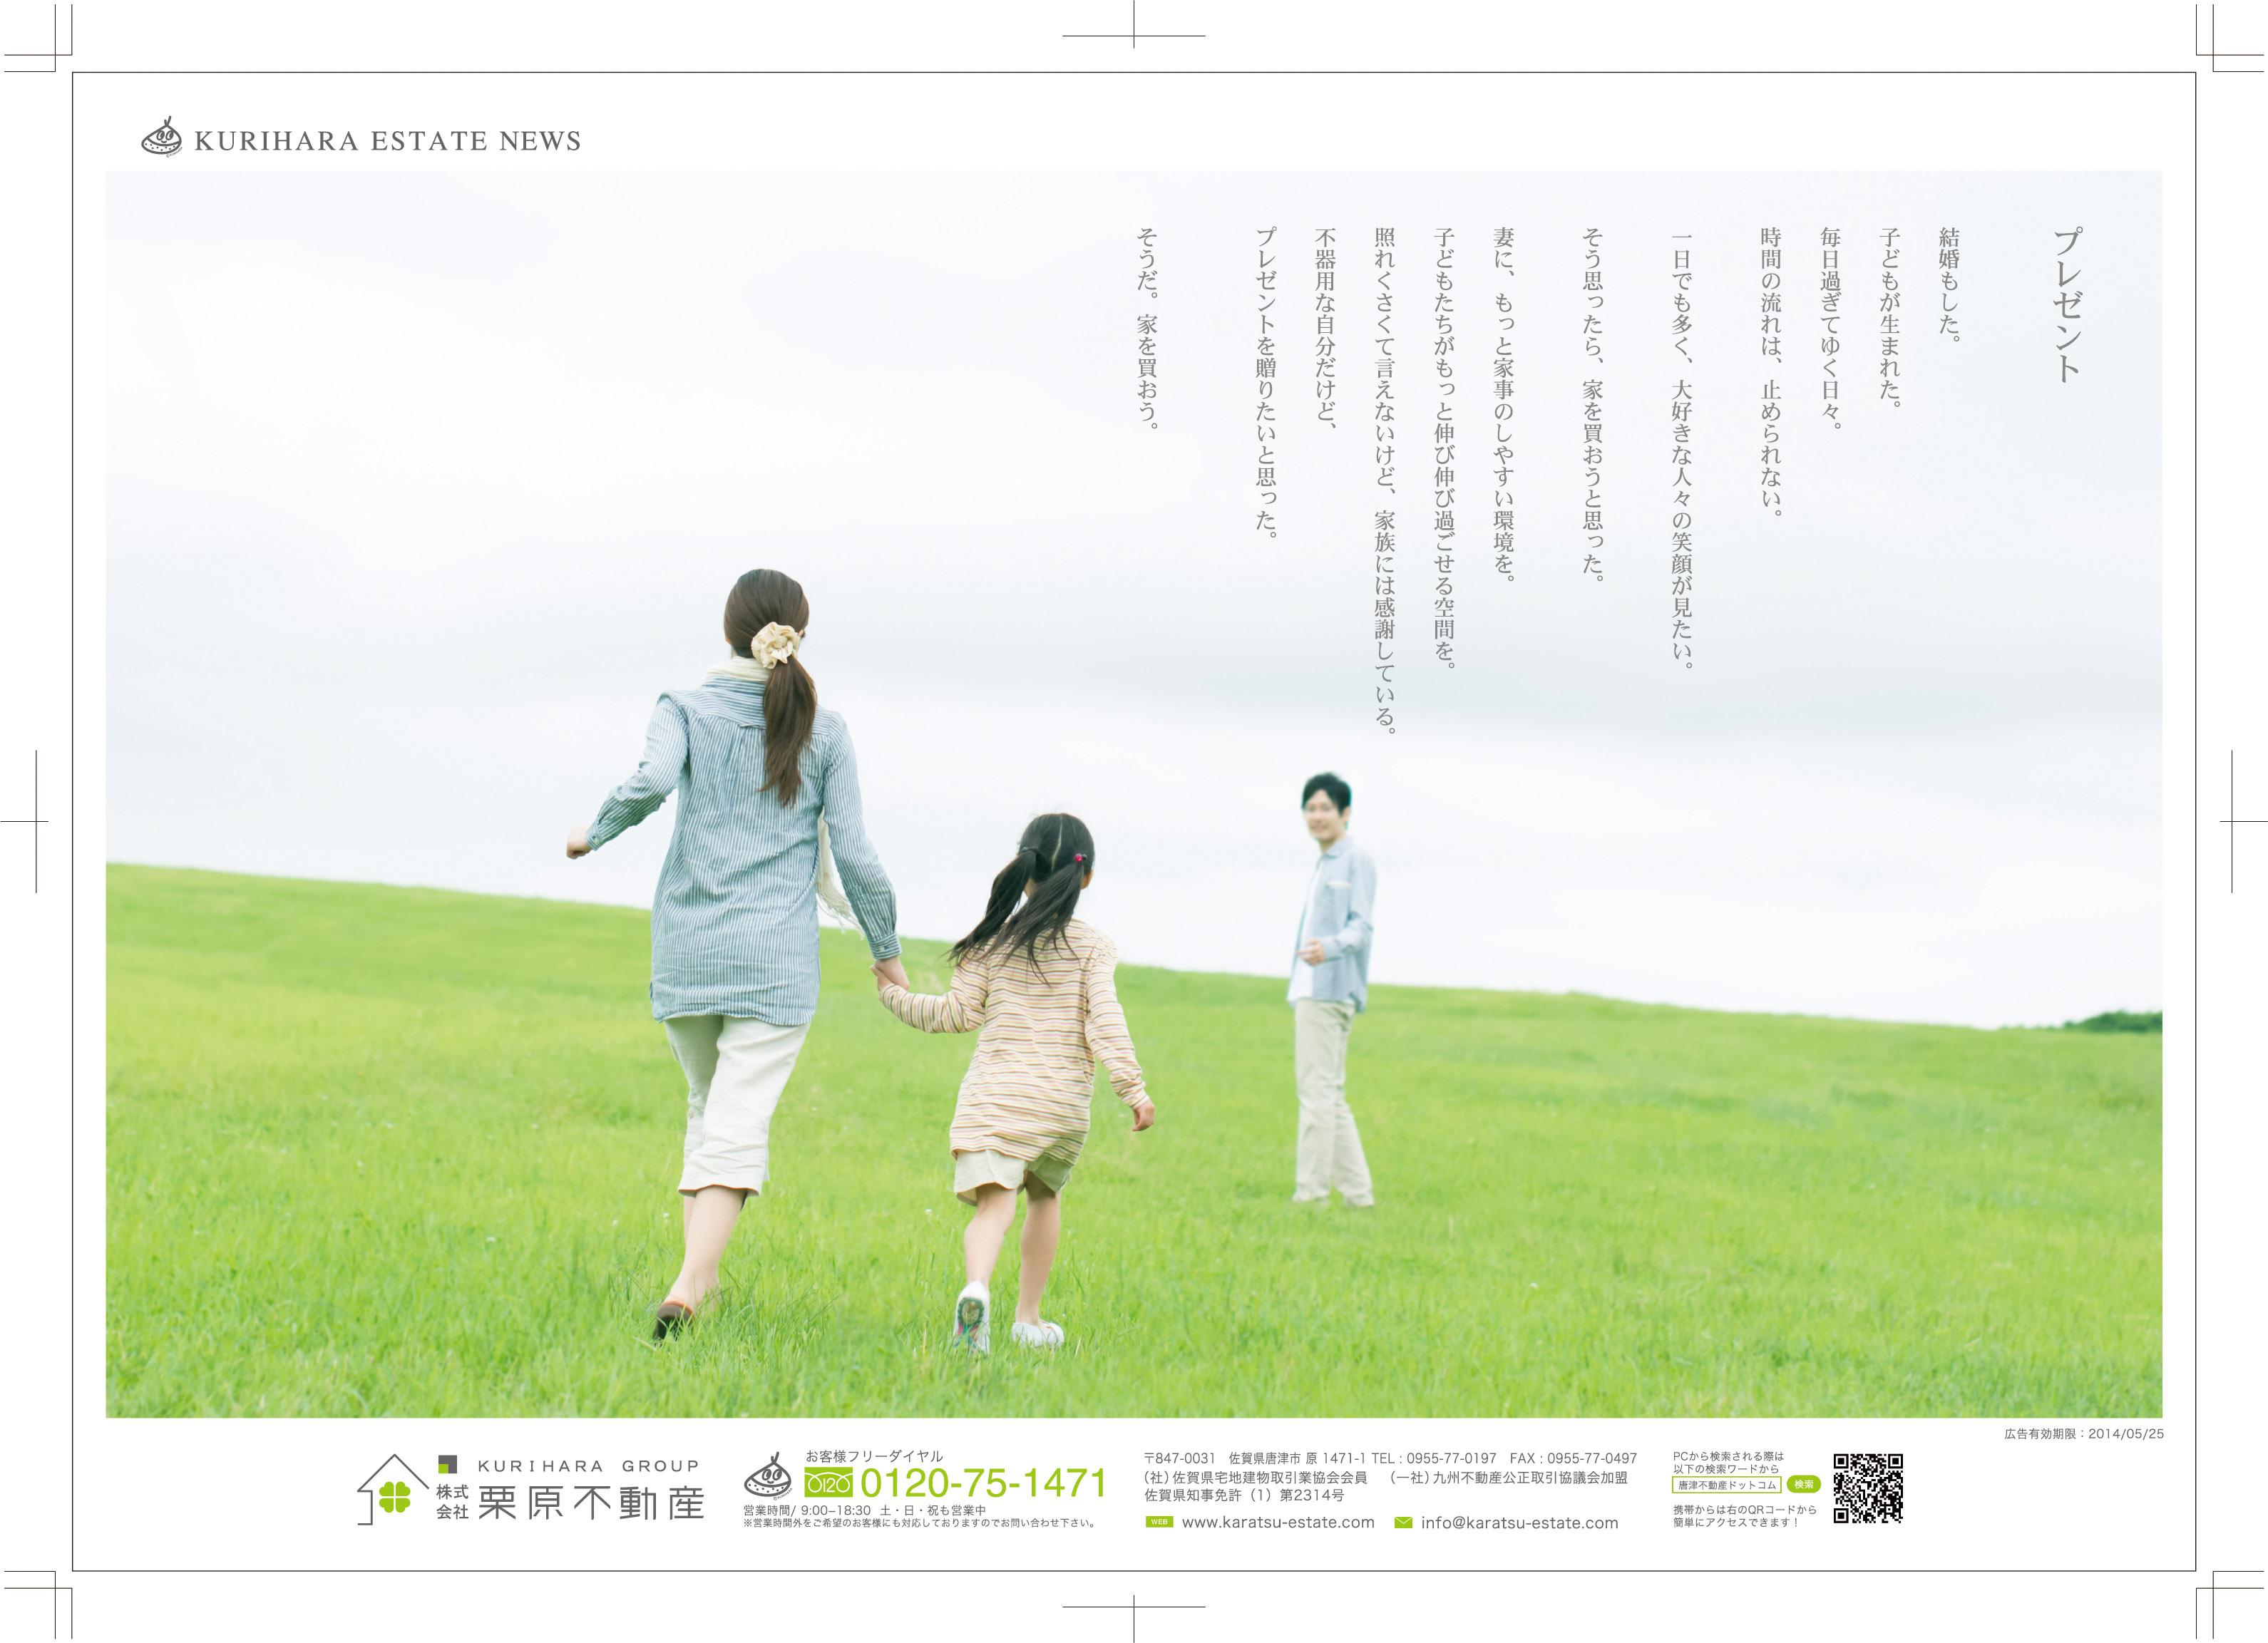 建売広告表最終0421